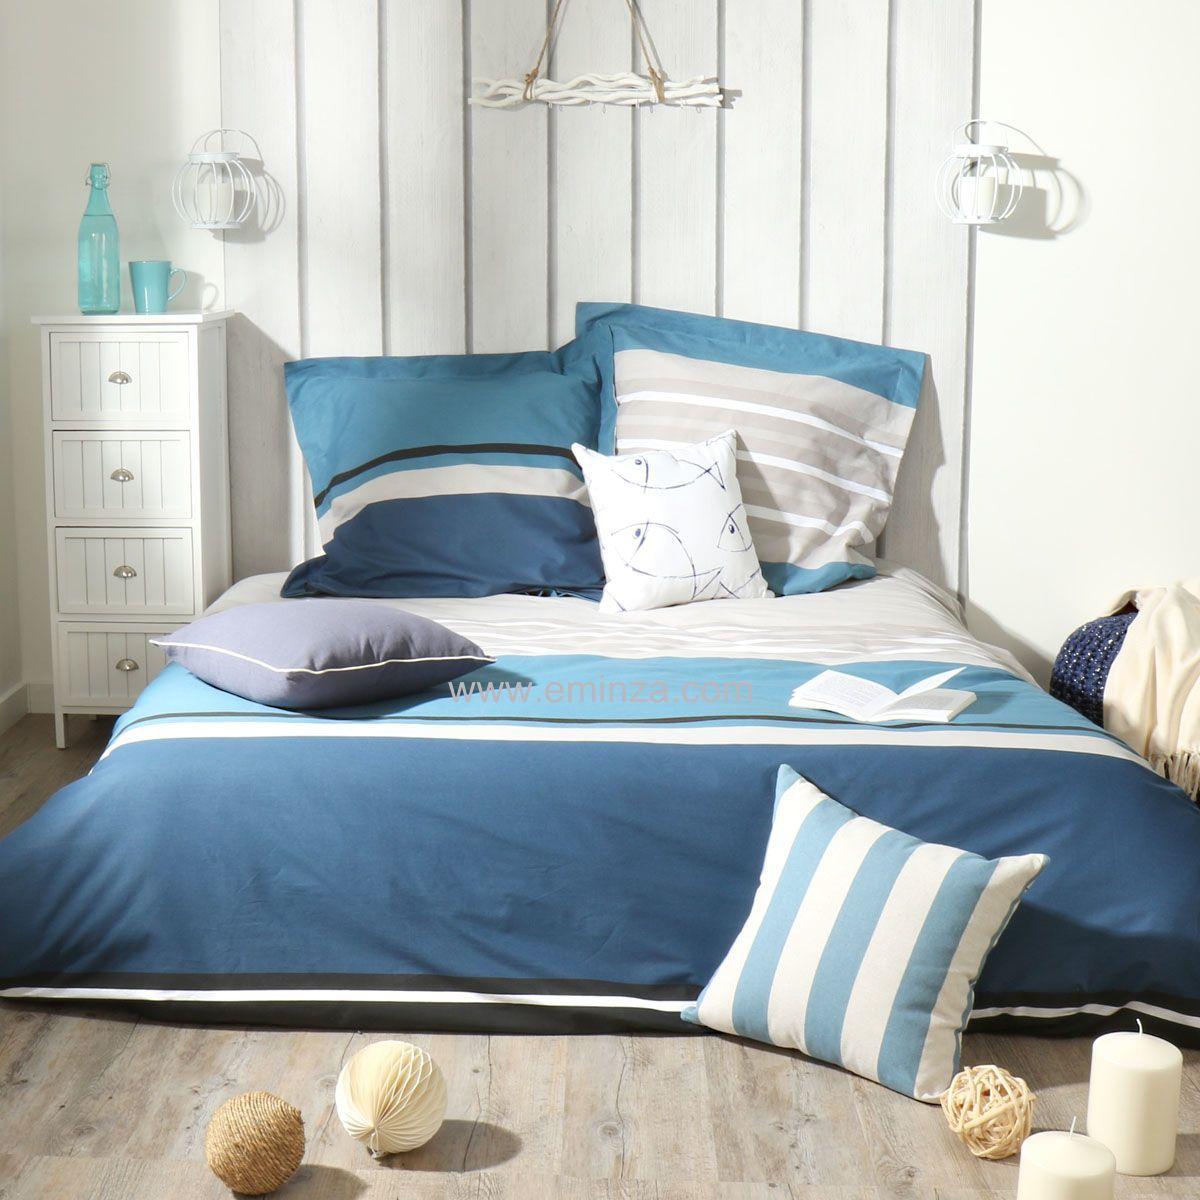 housse de couette et une taie 140 cm deauville bleu. Black Bedroom Furniture Sets. Home Design Ideas